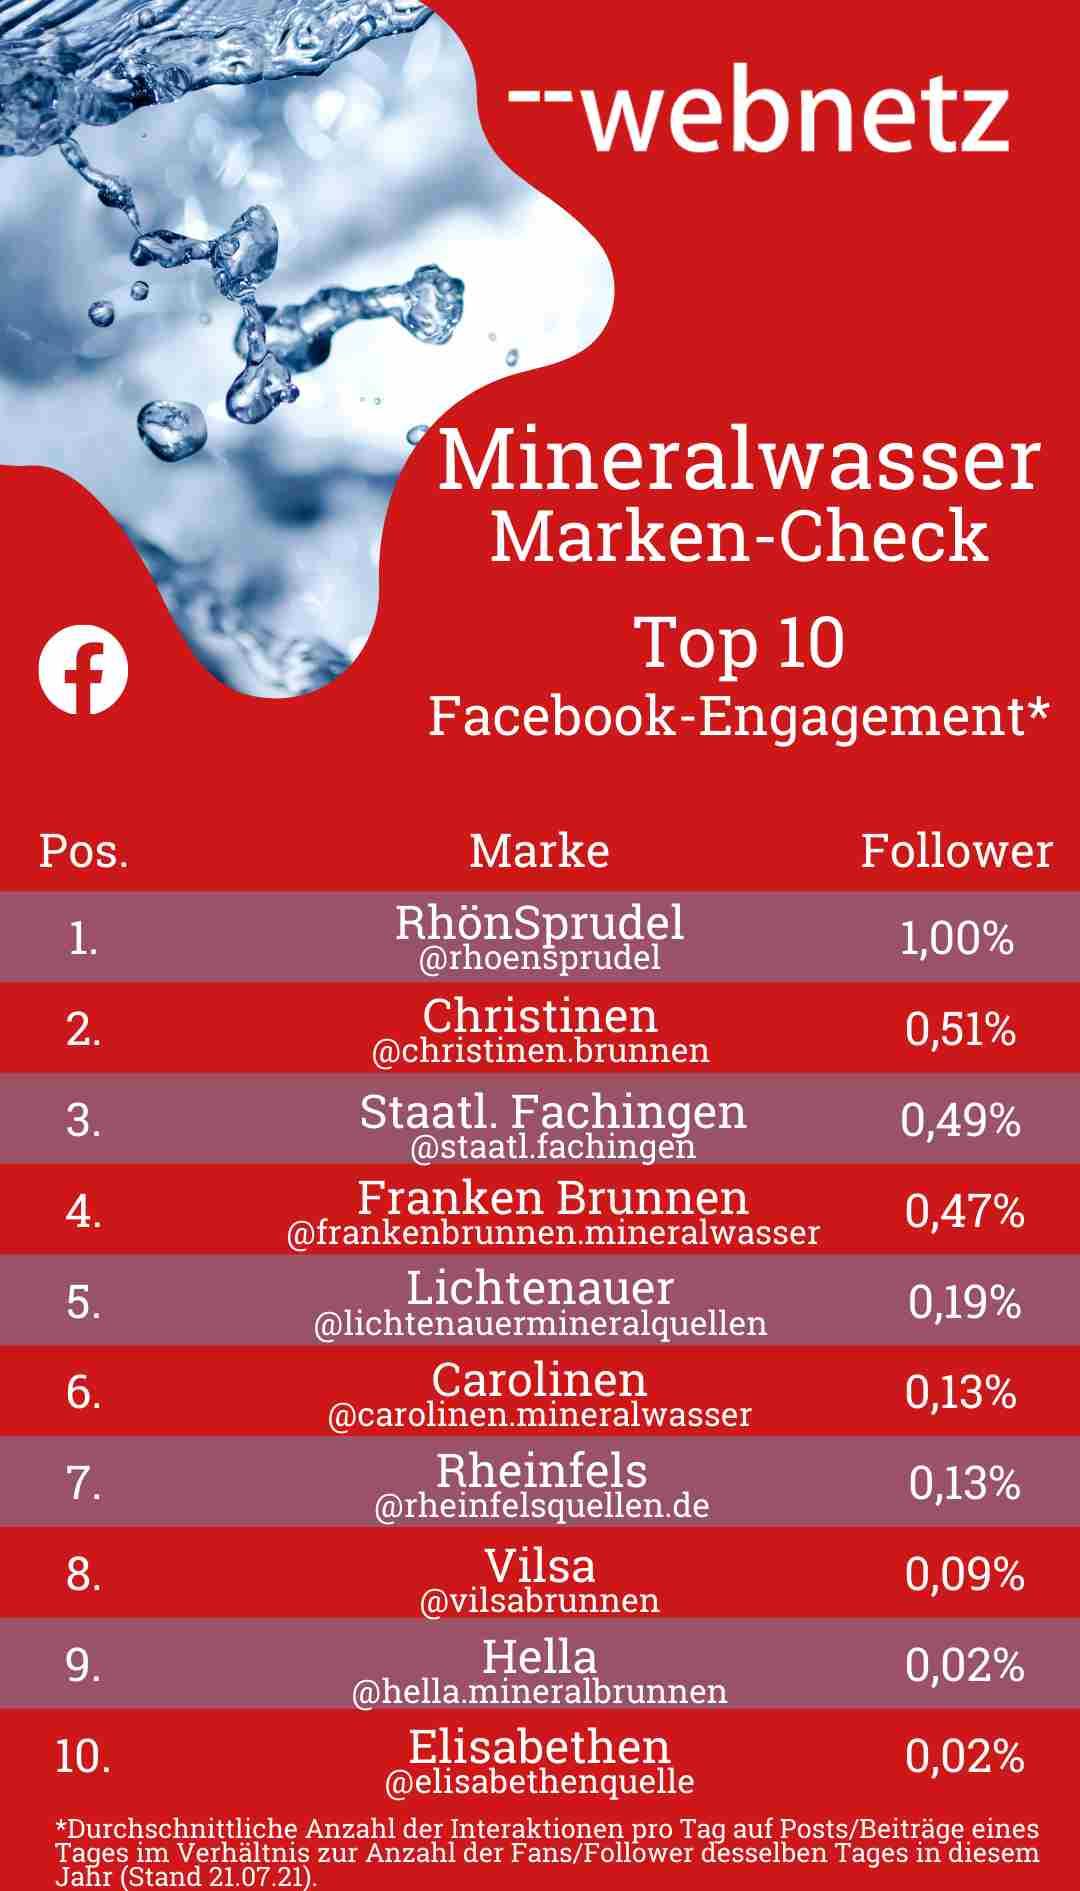 Mineralwasser-Marken Top 10 Facebook-Engagement